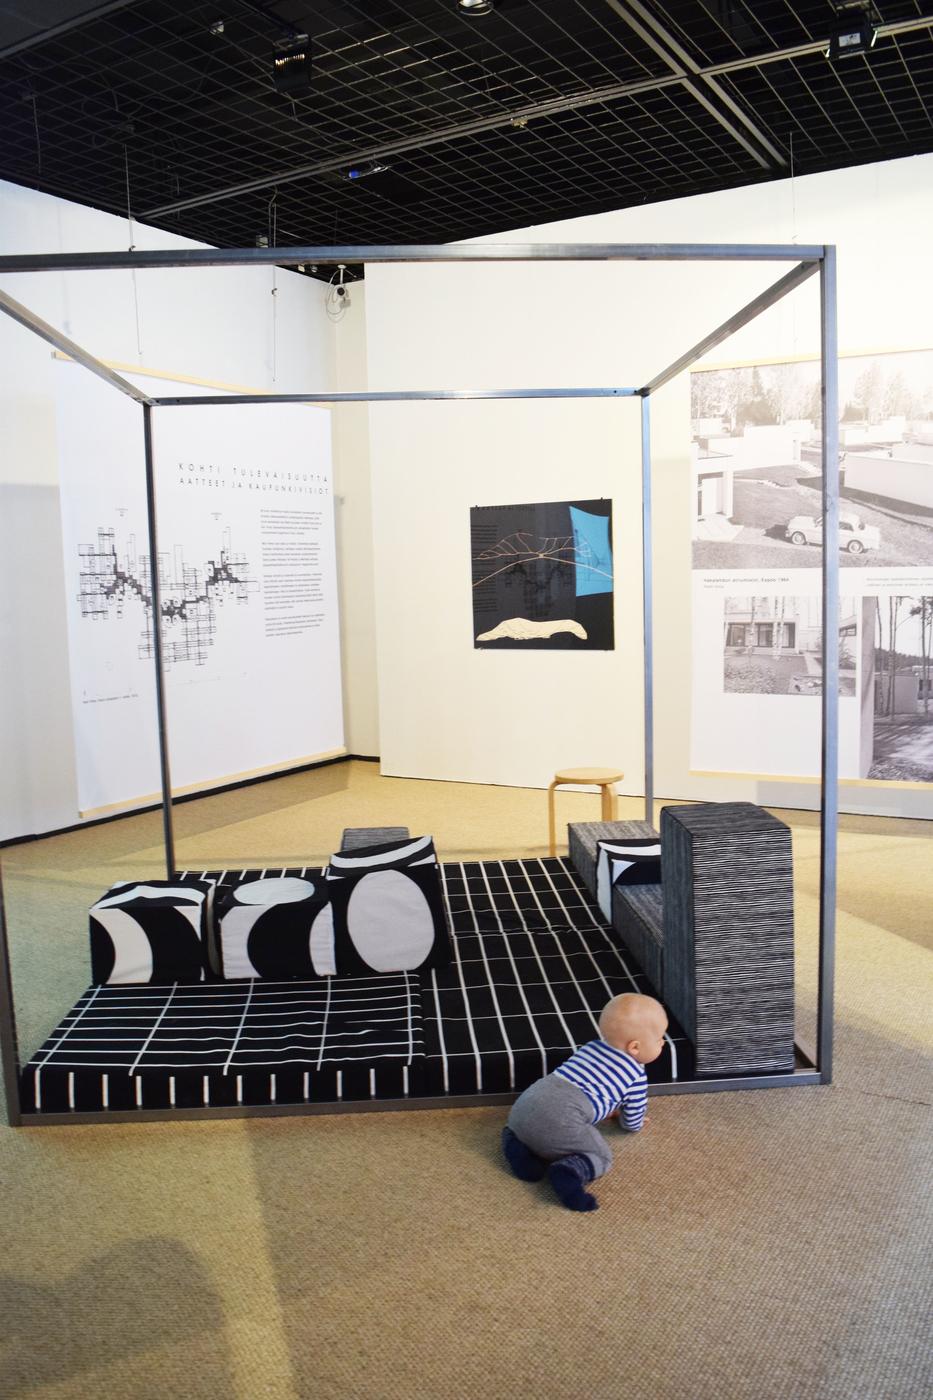 arkkitehtuurimuseo8.jpg